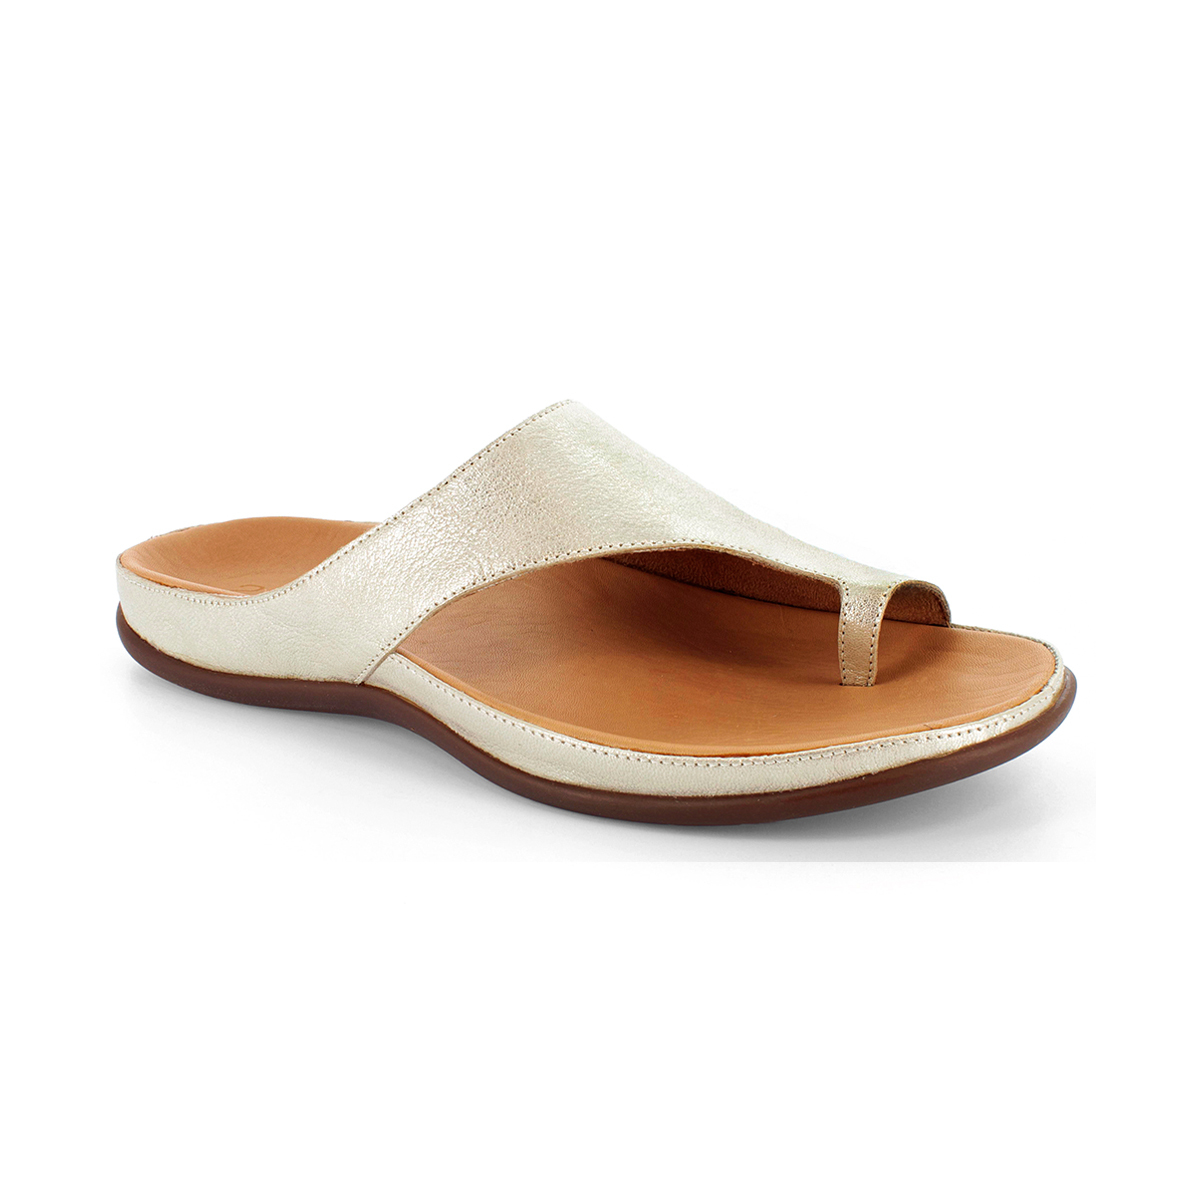 スニーカー感覚で歩き回れる「サンダル」|CAPRIレザーインソール (24-24.5cm) 独自開発の立体インソールで、スニーカーみたいに歩き回れる「サンダル」|strive